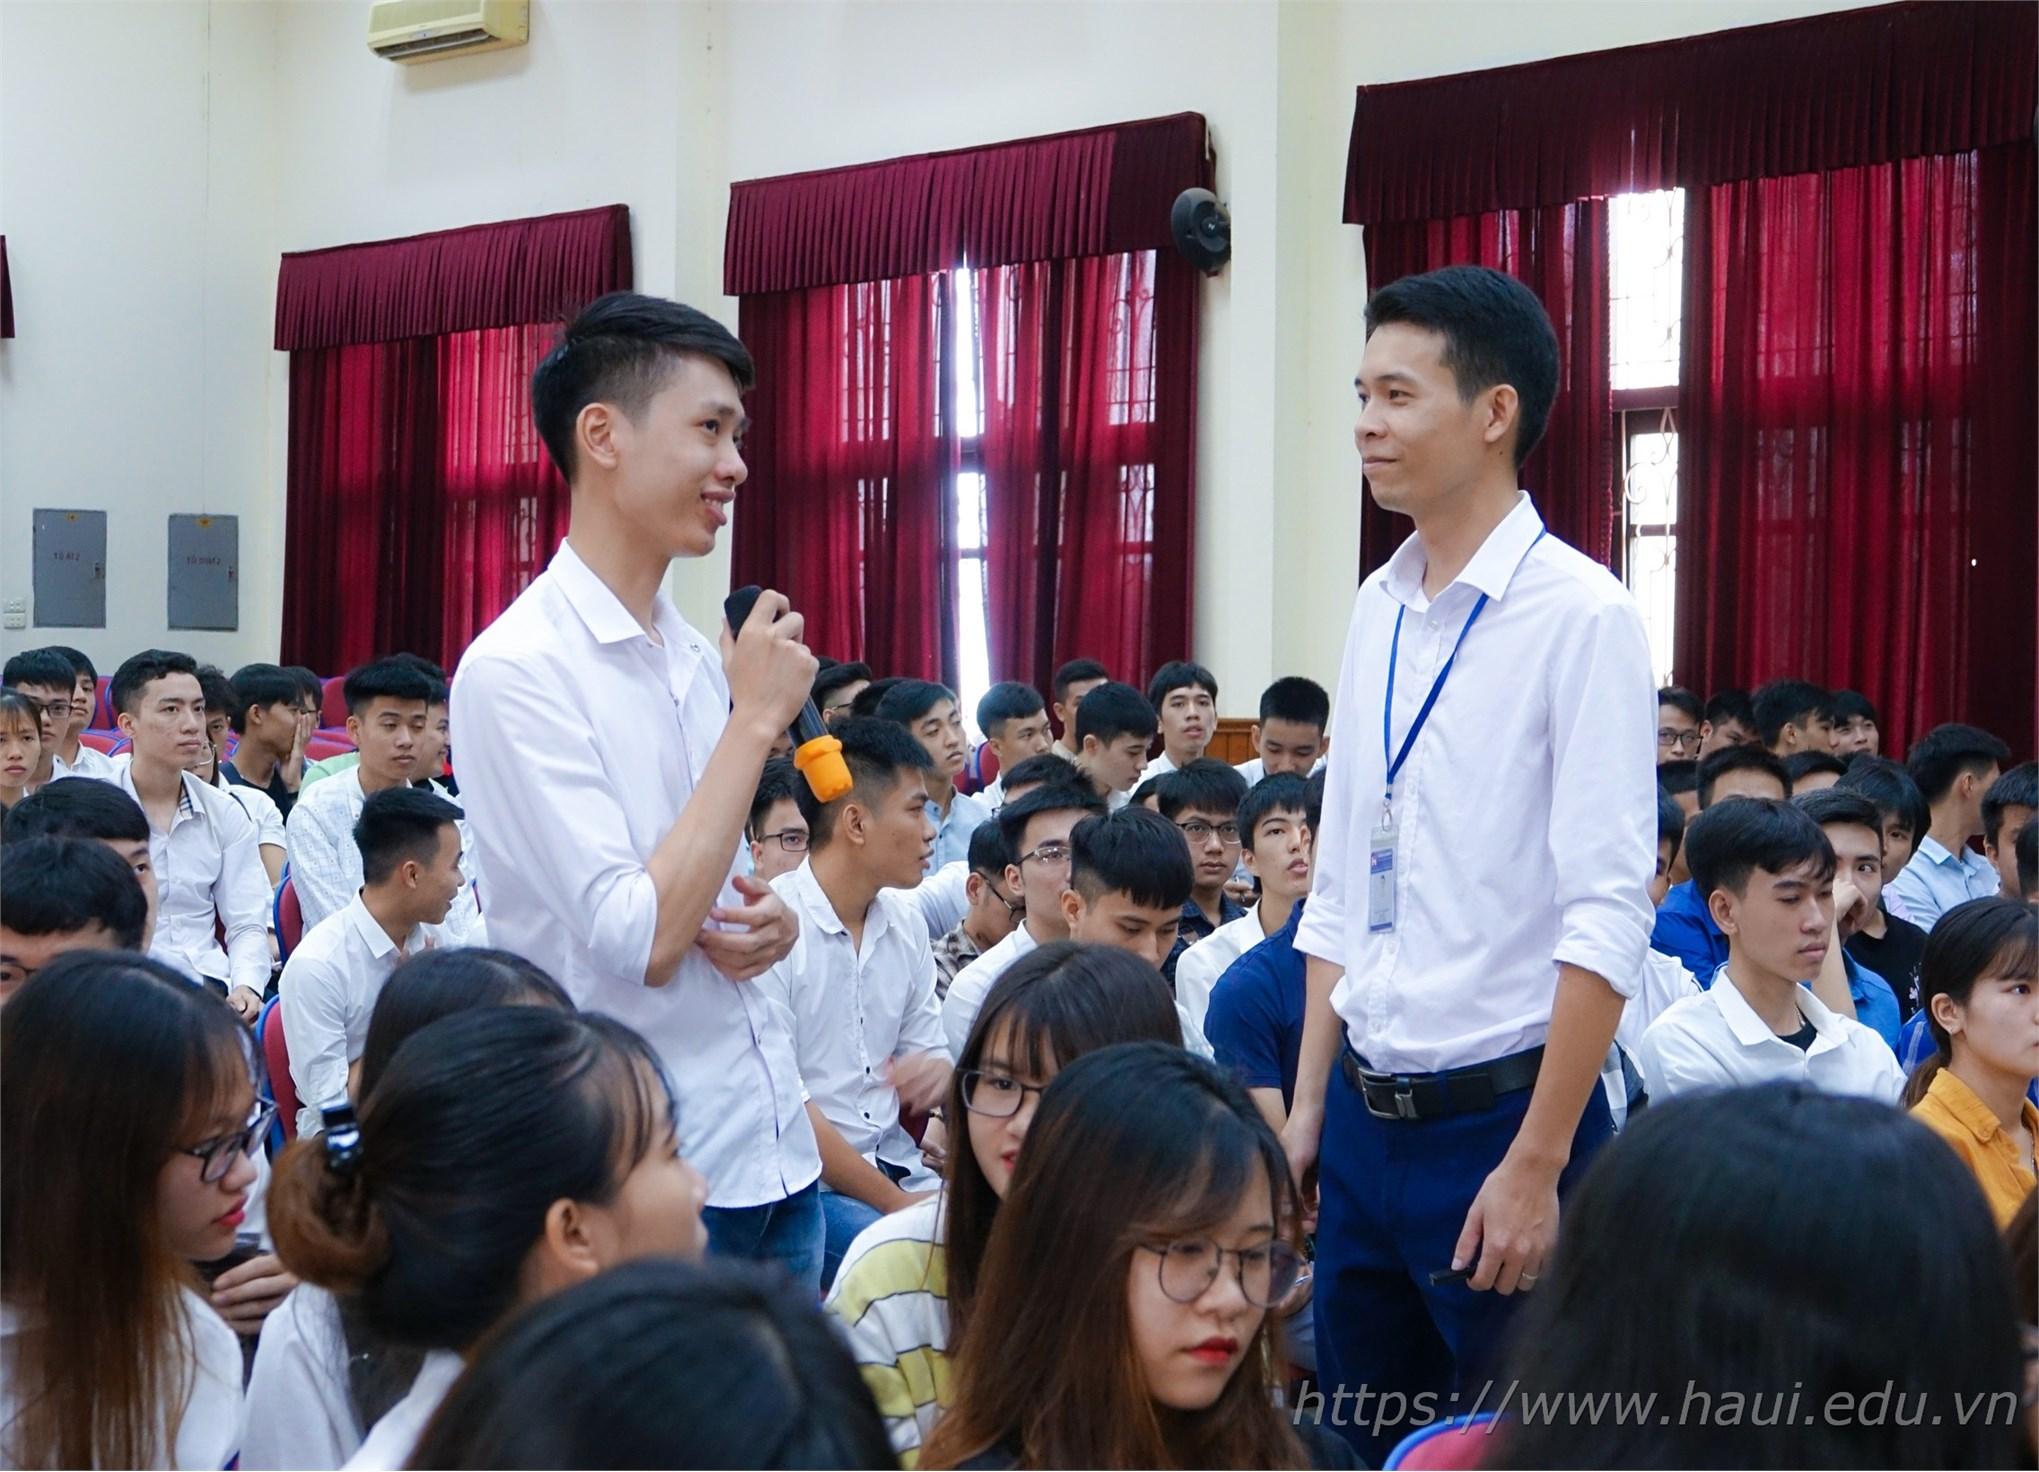 Sinh viên hào hứng đặt câu hỏi và chia sẻ những thắc mắc của mình về công việc sau này cũng như những chế độ khi làm việc tại Tập đoàn KHKT Hồng Hải.